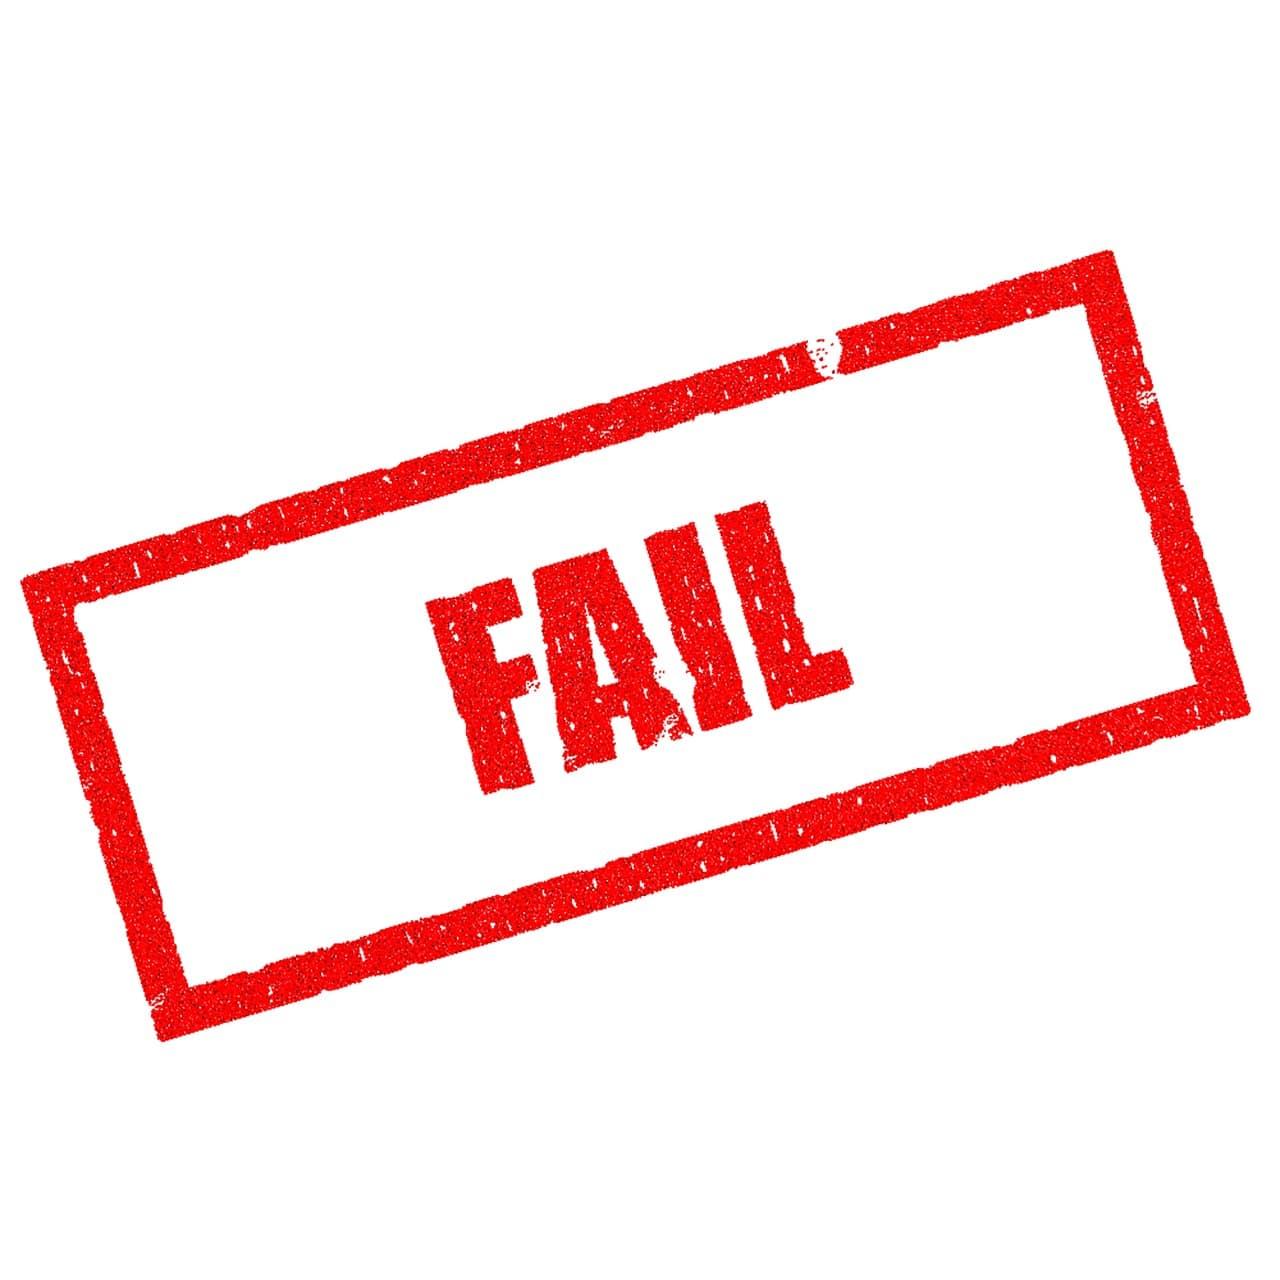 fail a lie detector test